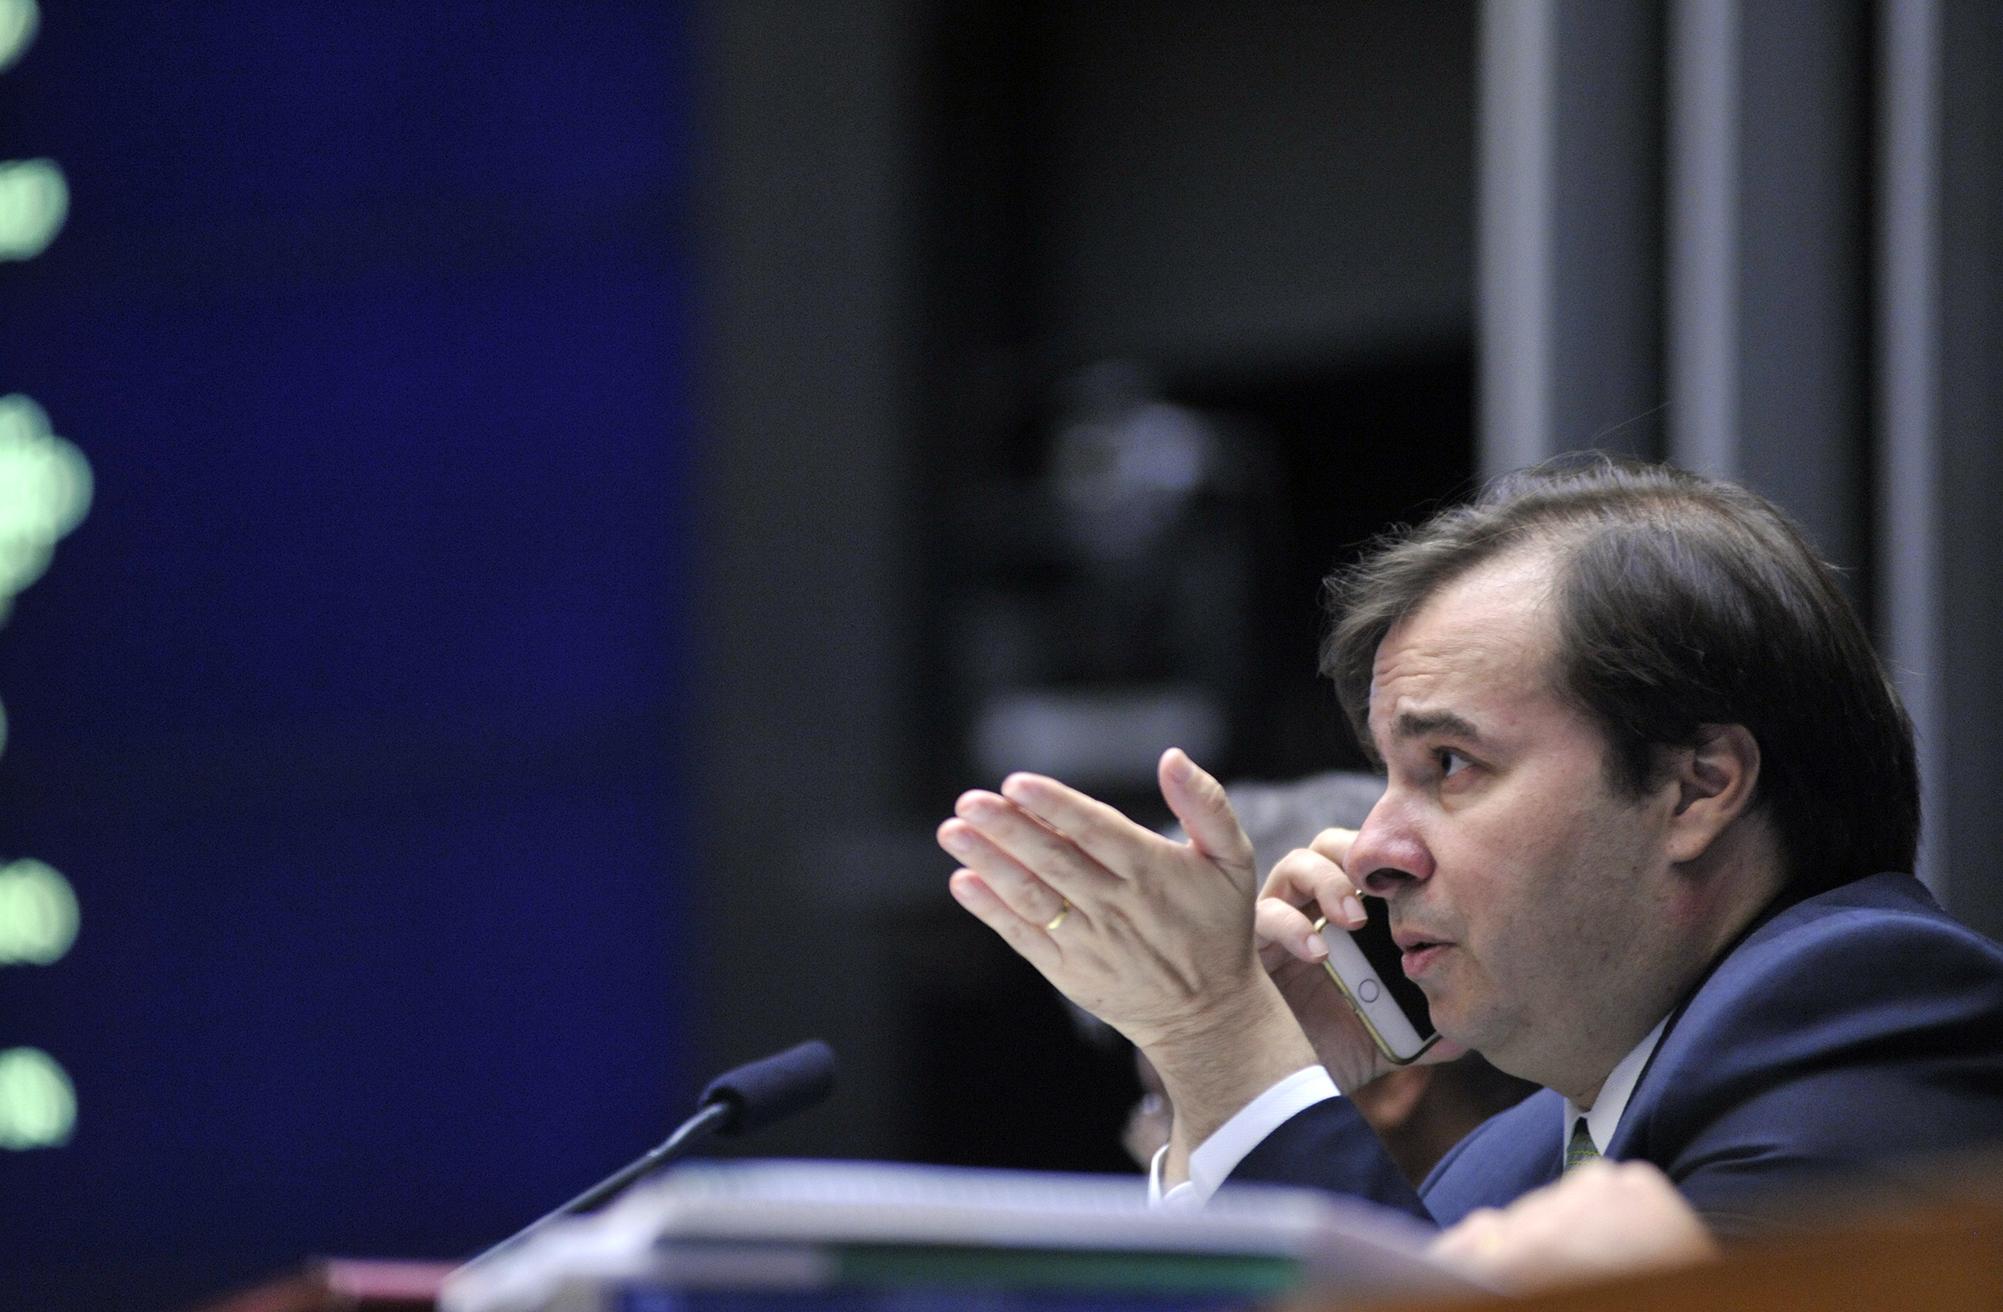 Sessão extraordinária para discussão e votação de diversos projetos. Presidente da Câmara, dep. Rodrigo Maia (DEM-RJ)